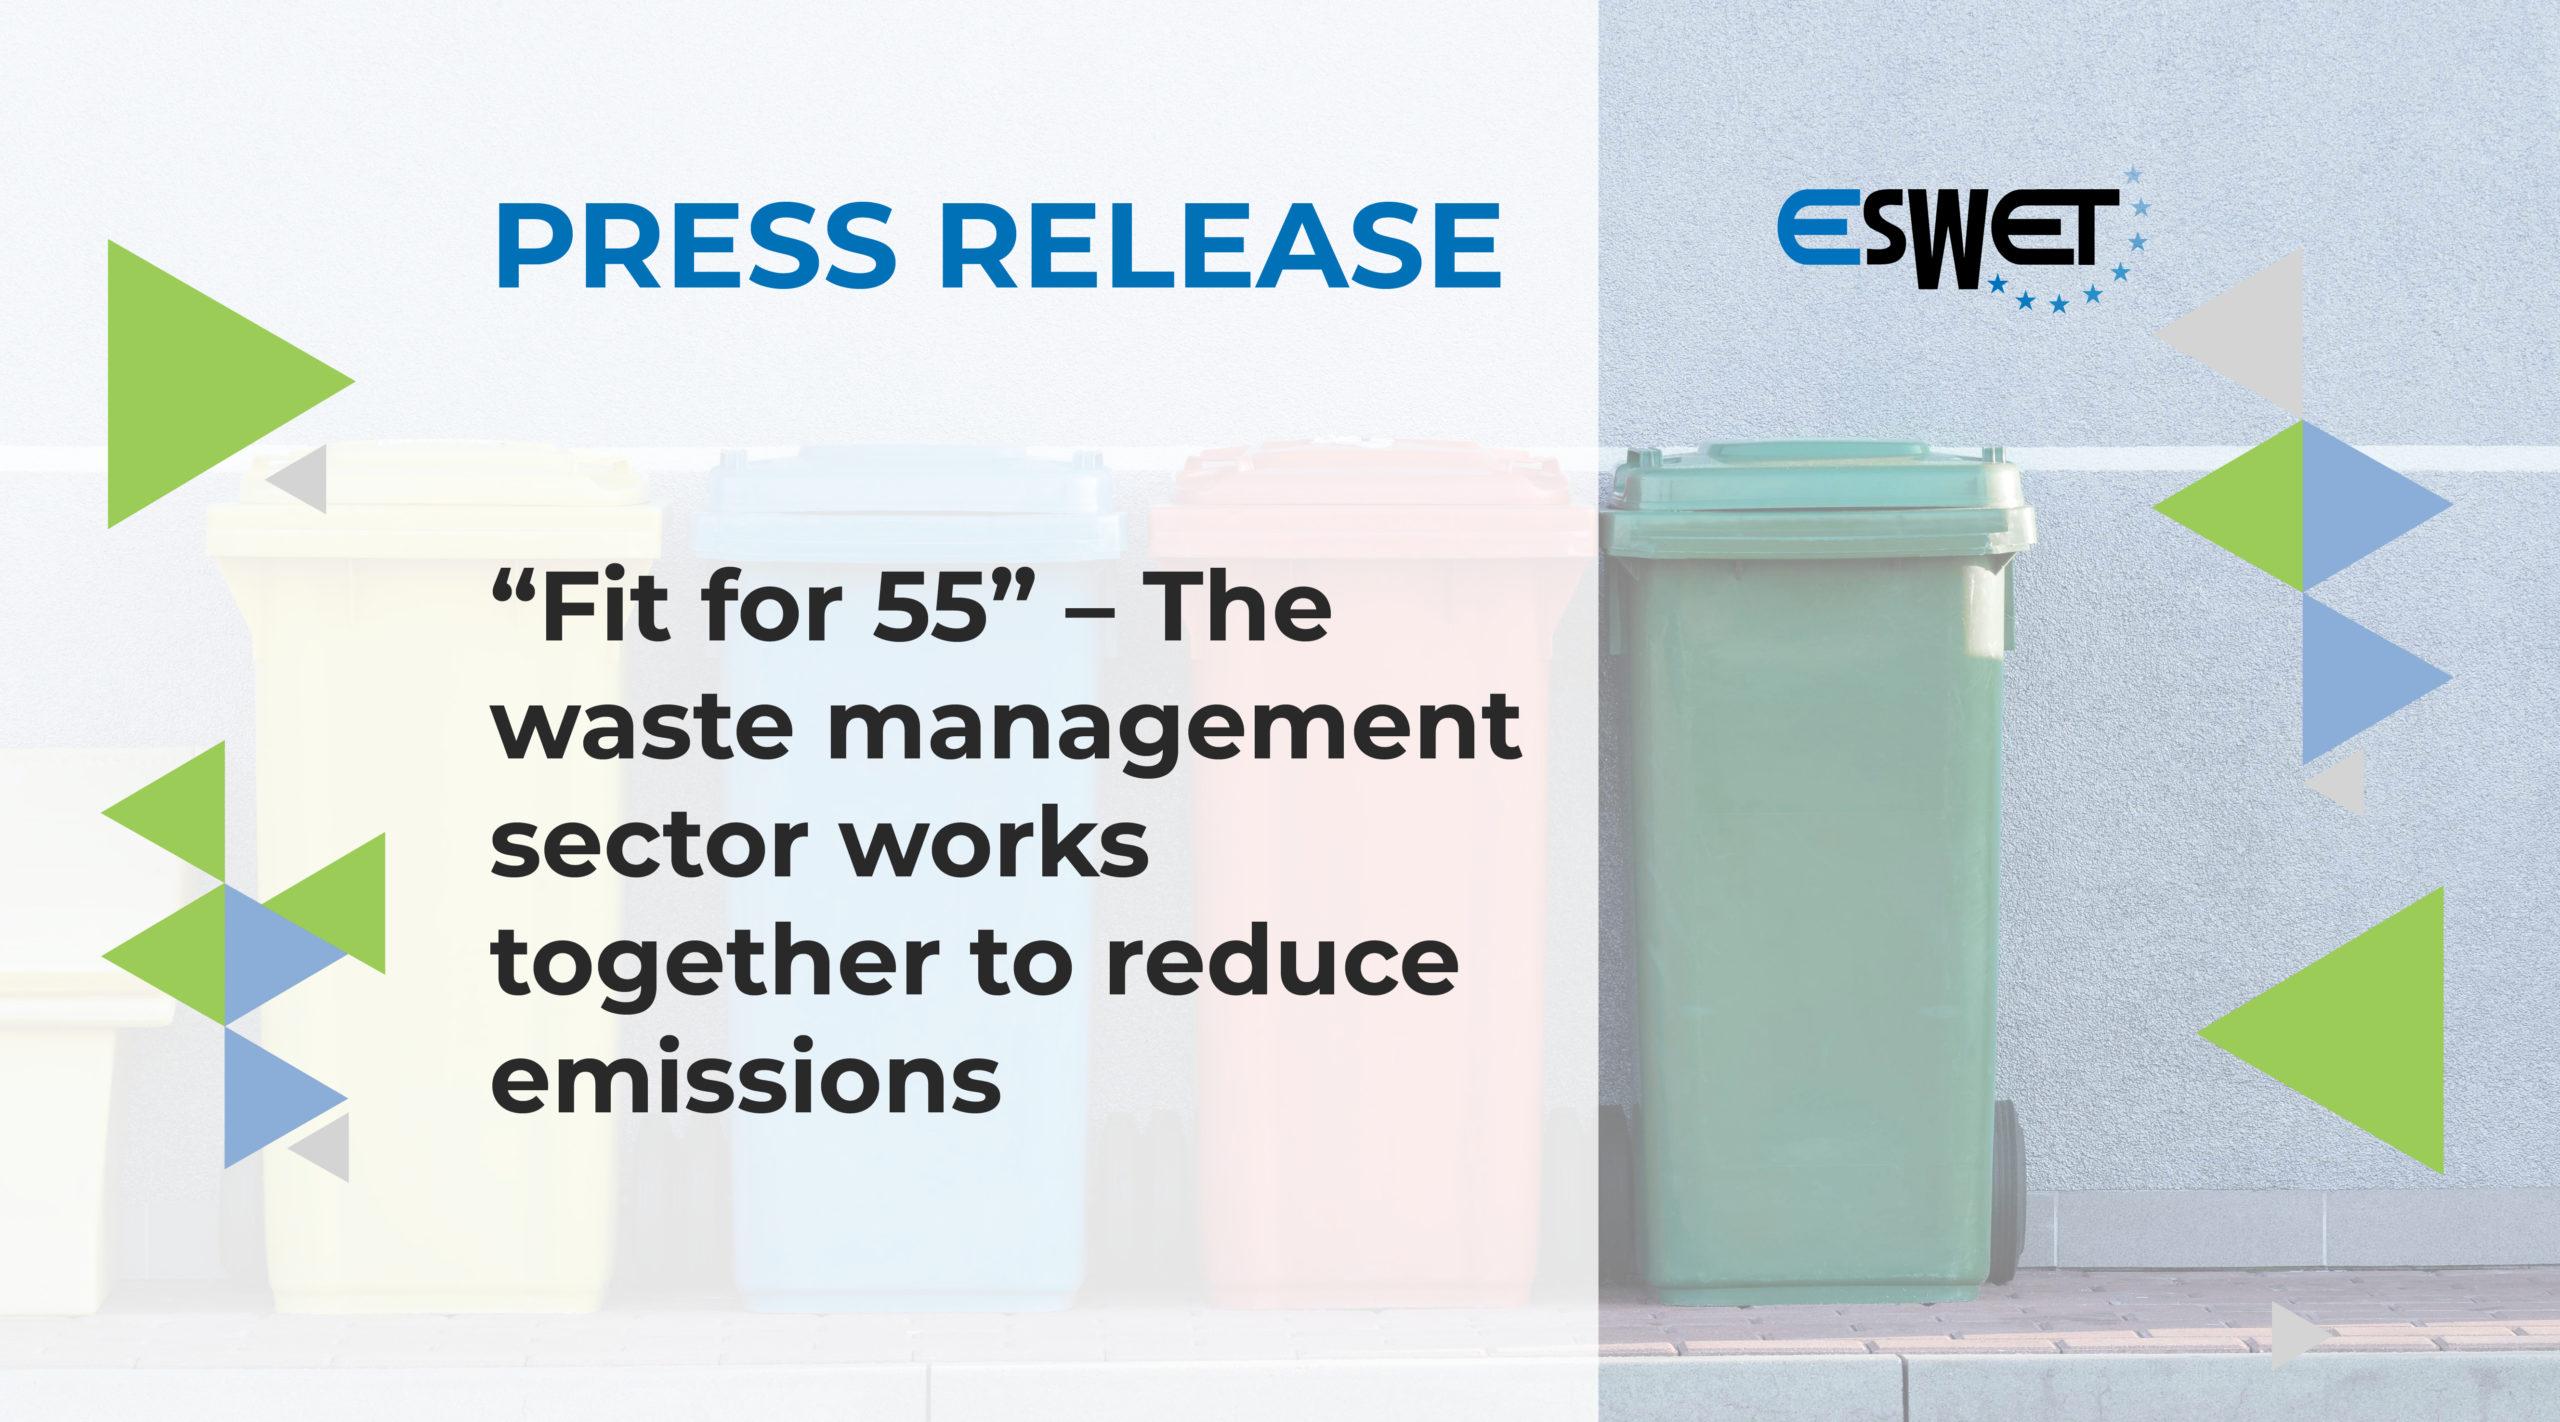 07.14.2021_Fit for 55_ESWET PR